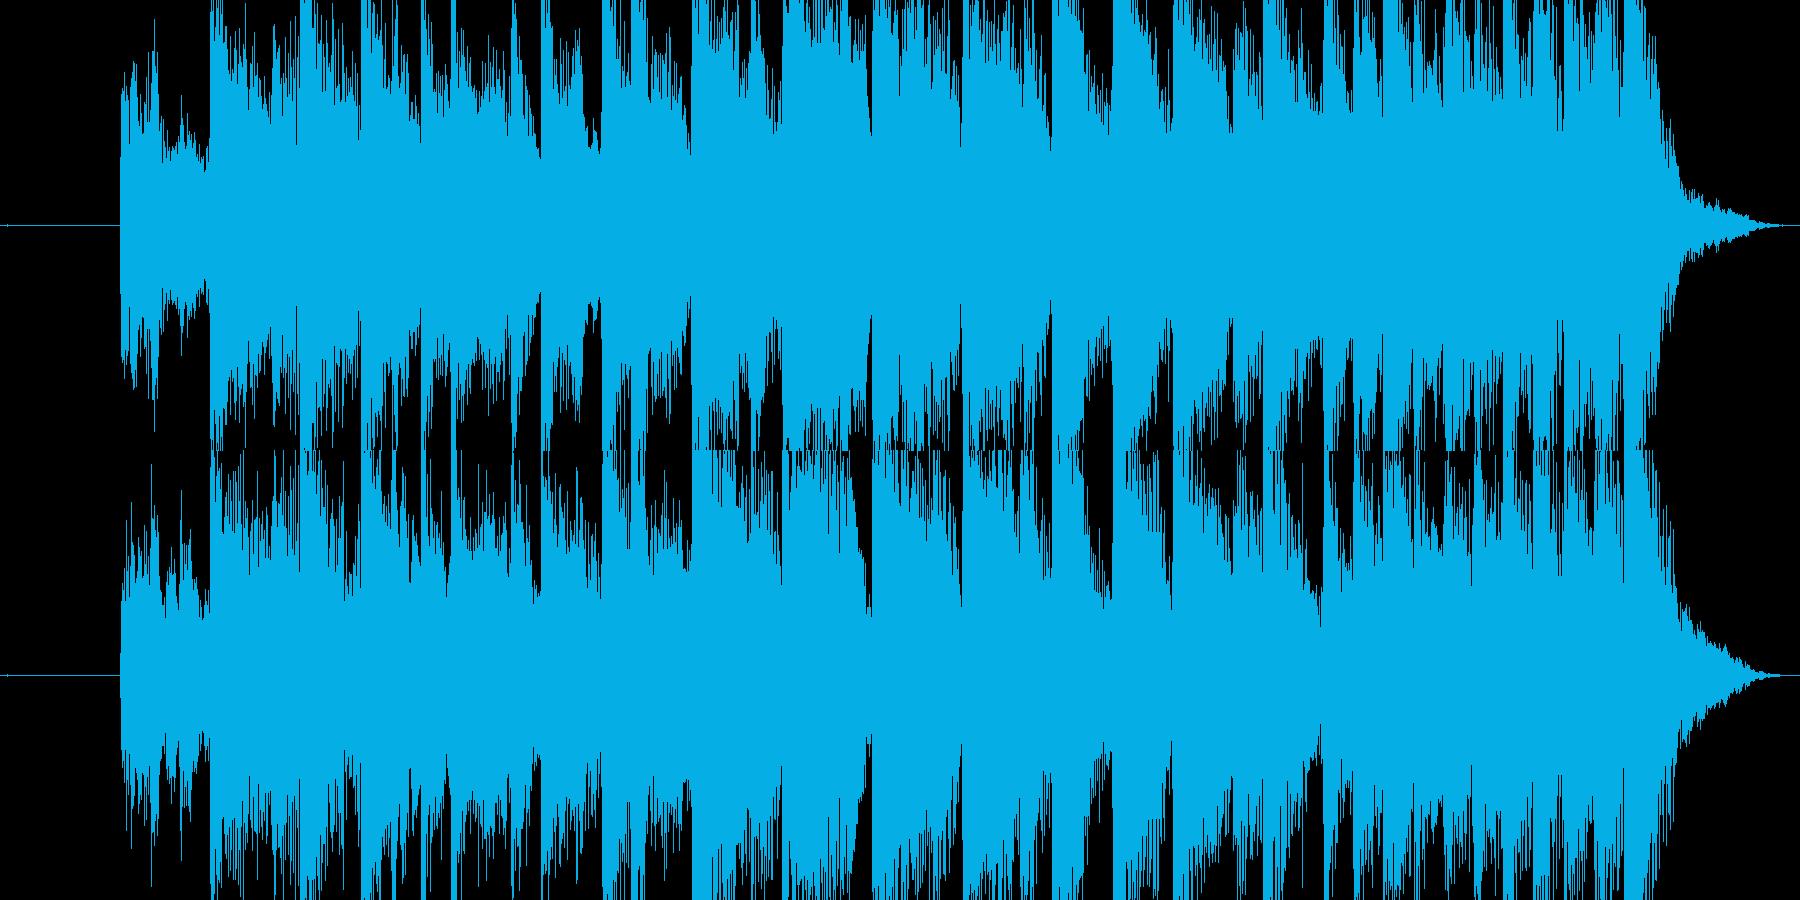 場面転換ジングル12秒の再生済みの波形